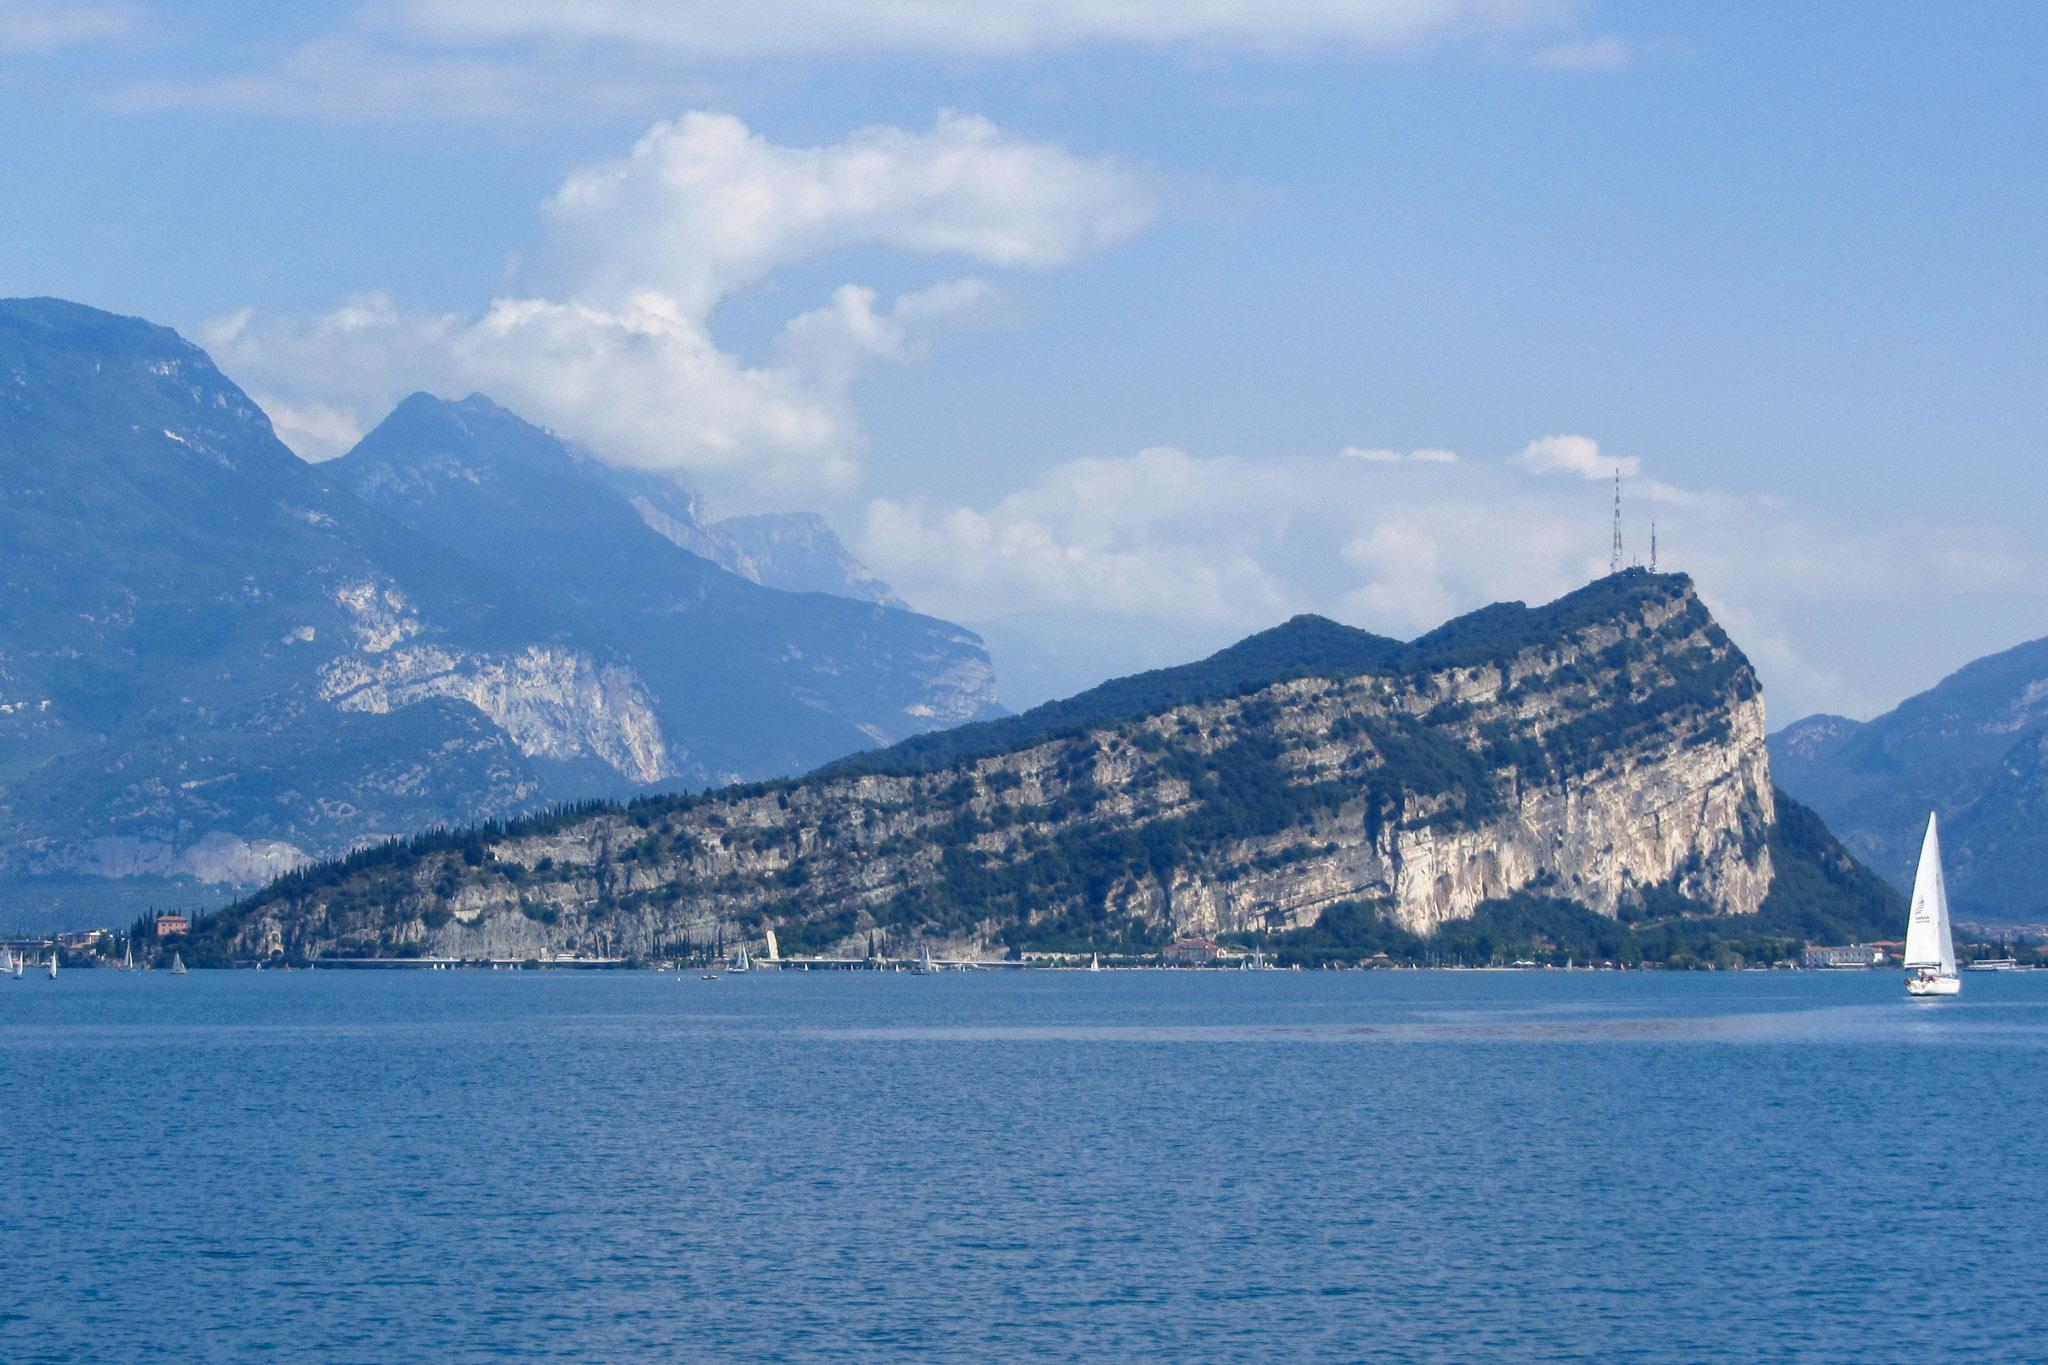 Der Monte Brione am Nordufer des Gardasees